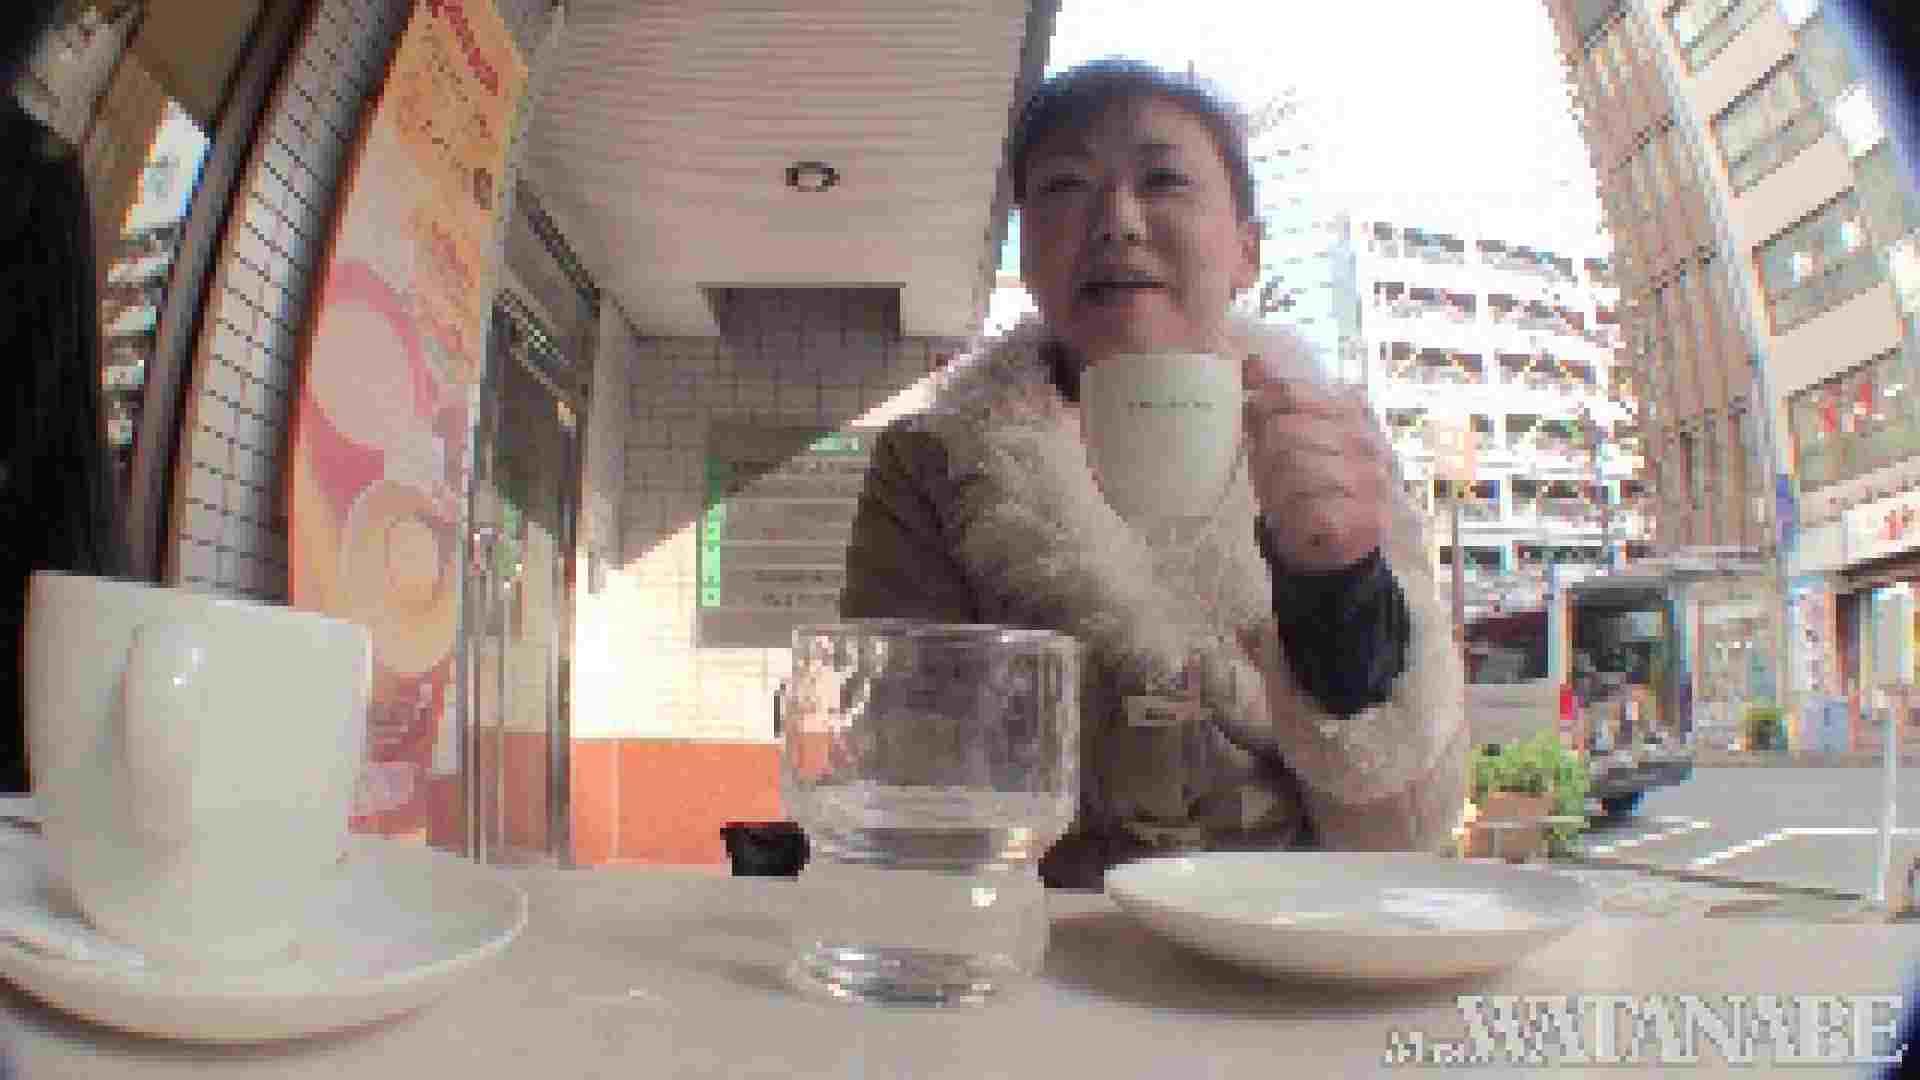 撮影スタッフを誘惑する痴熟女 かおり40歳 Vol.01 OLのエッチ オマンコ動画キャプチャ 73pic 6